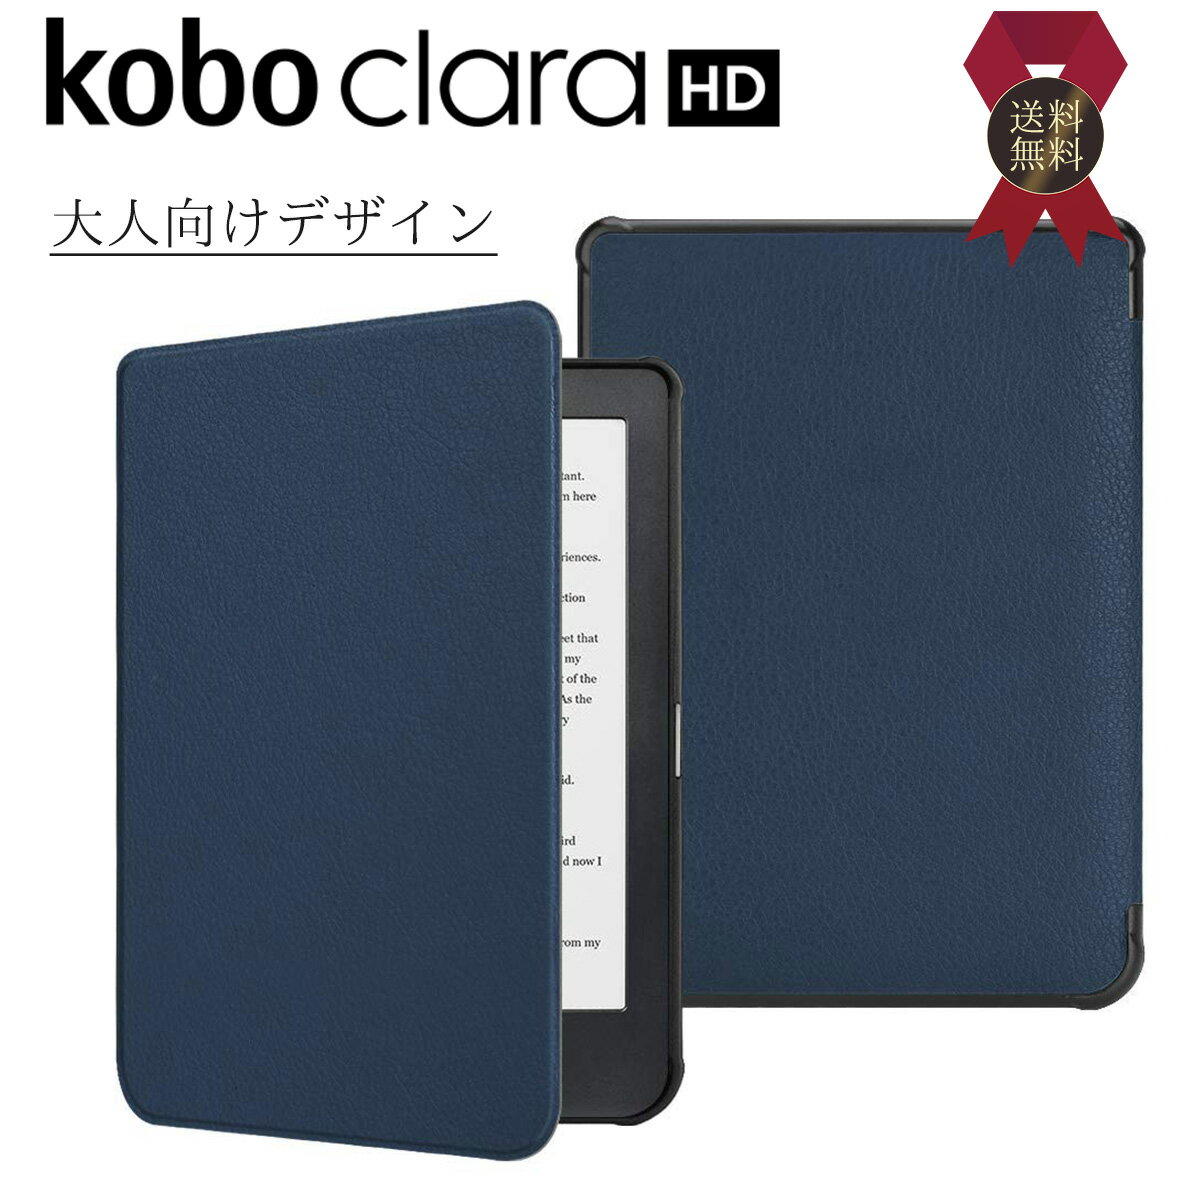 電子書籍リーダーアクセサリー, 電子書籍リーダーケース Kobo Clara HD 6 TPU Navy